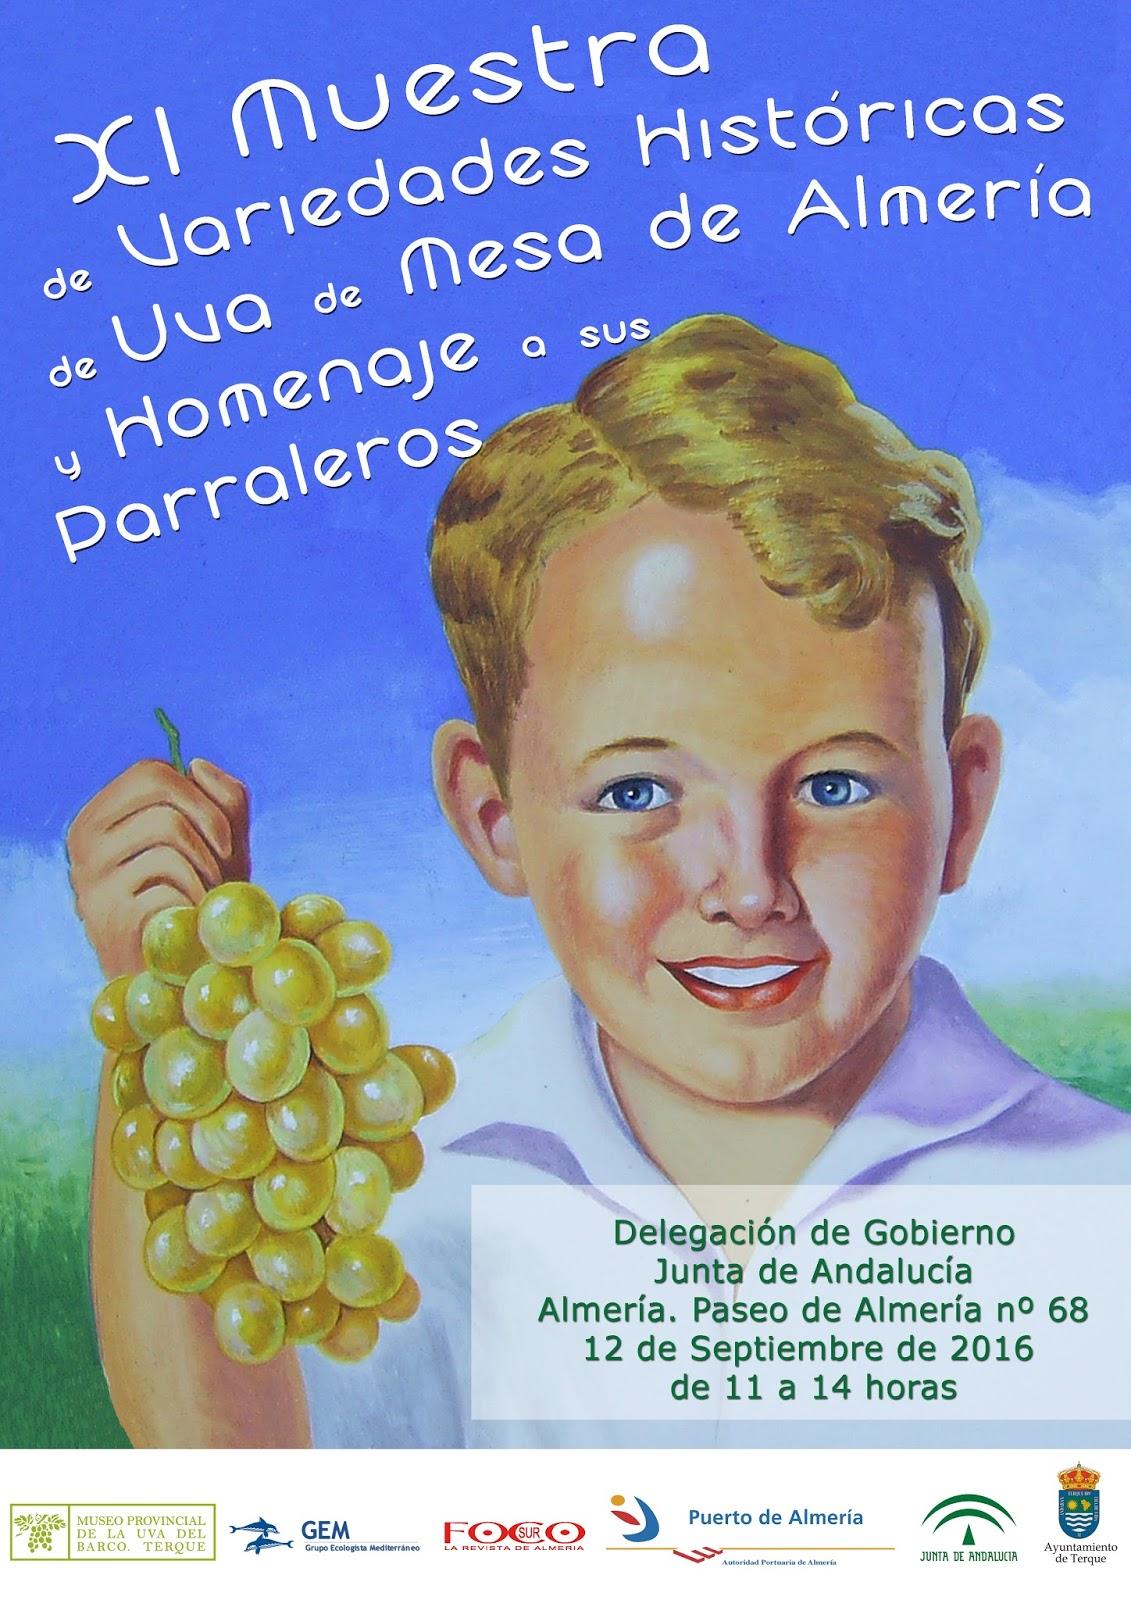 Museos de terque apolog a radical de las cosas viejas xi muestra de variedades de uva de mesa - Variedades de uva de mesa ...